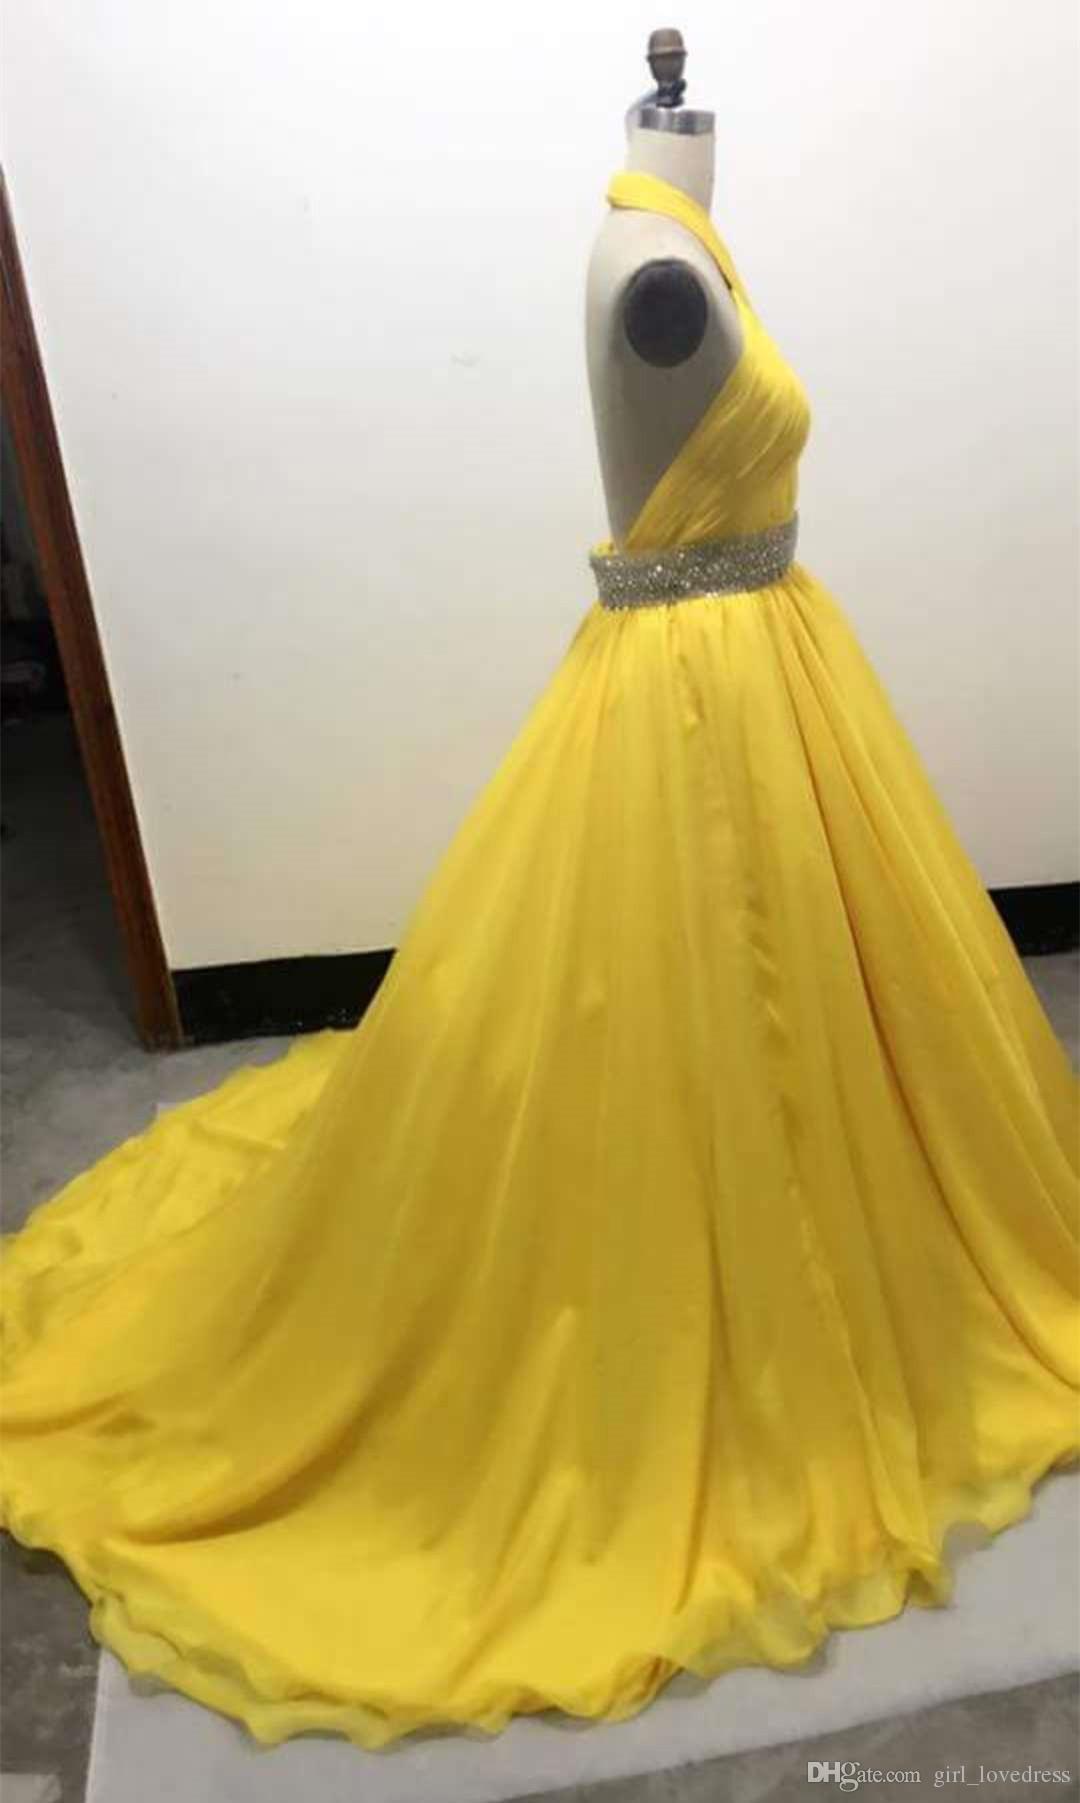 Echte elegante Frauen Halter ärmellose lange Meerjungfrau V-Ausschnitt Perlen Prom Kleider 2018 Backless gelbe Abend Party Kleider nach Maß